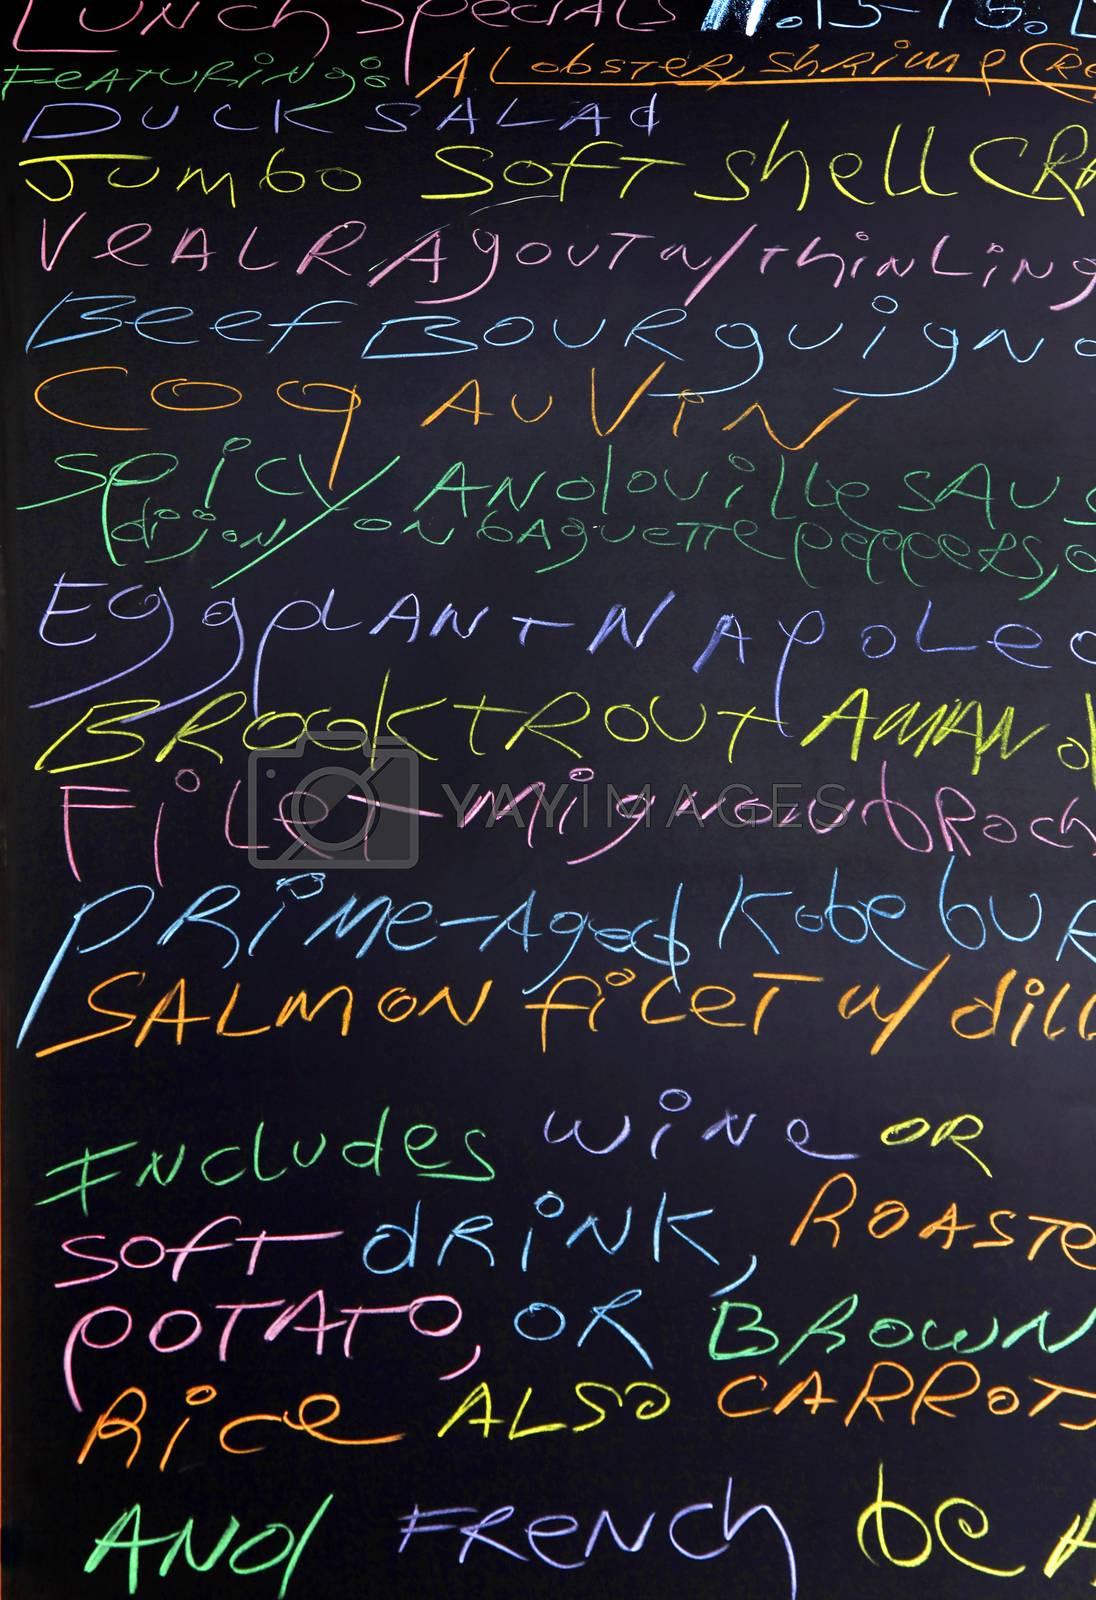 Menu written with chalk on a blackboard